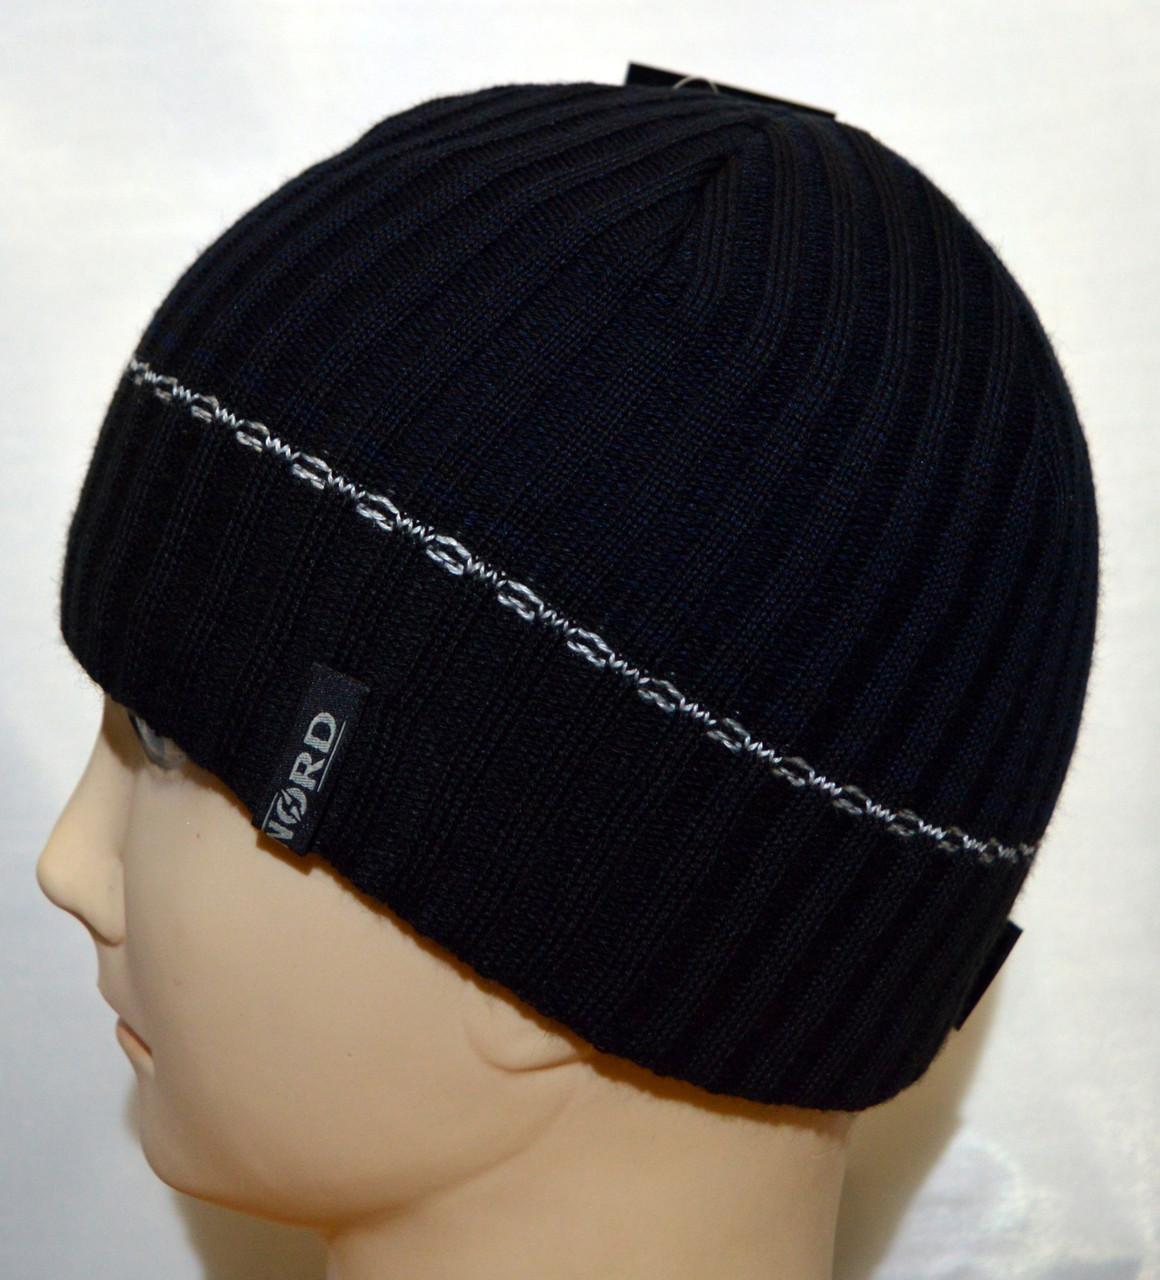 Мужская вязаная шапка. Модель Piligo: купить шапки оптом ...